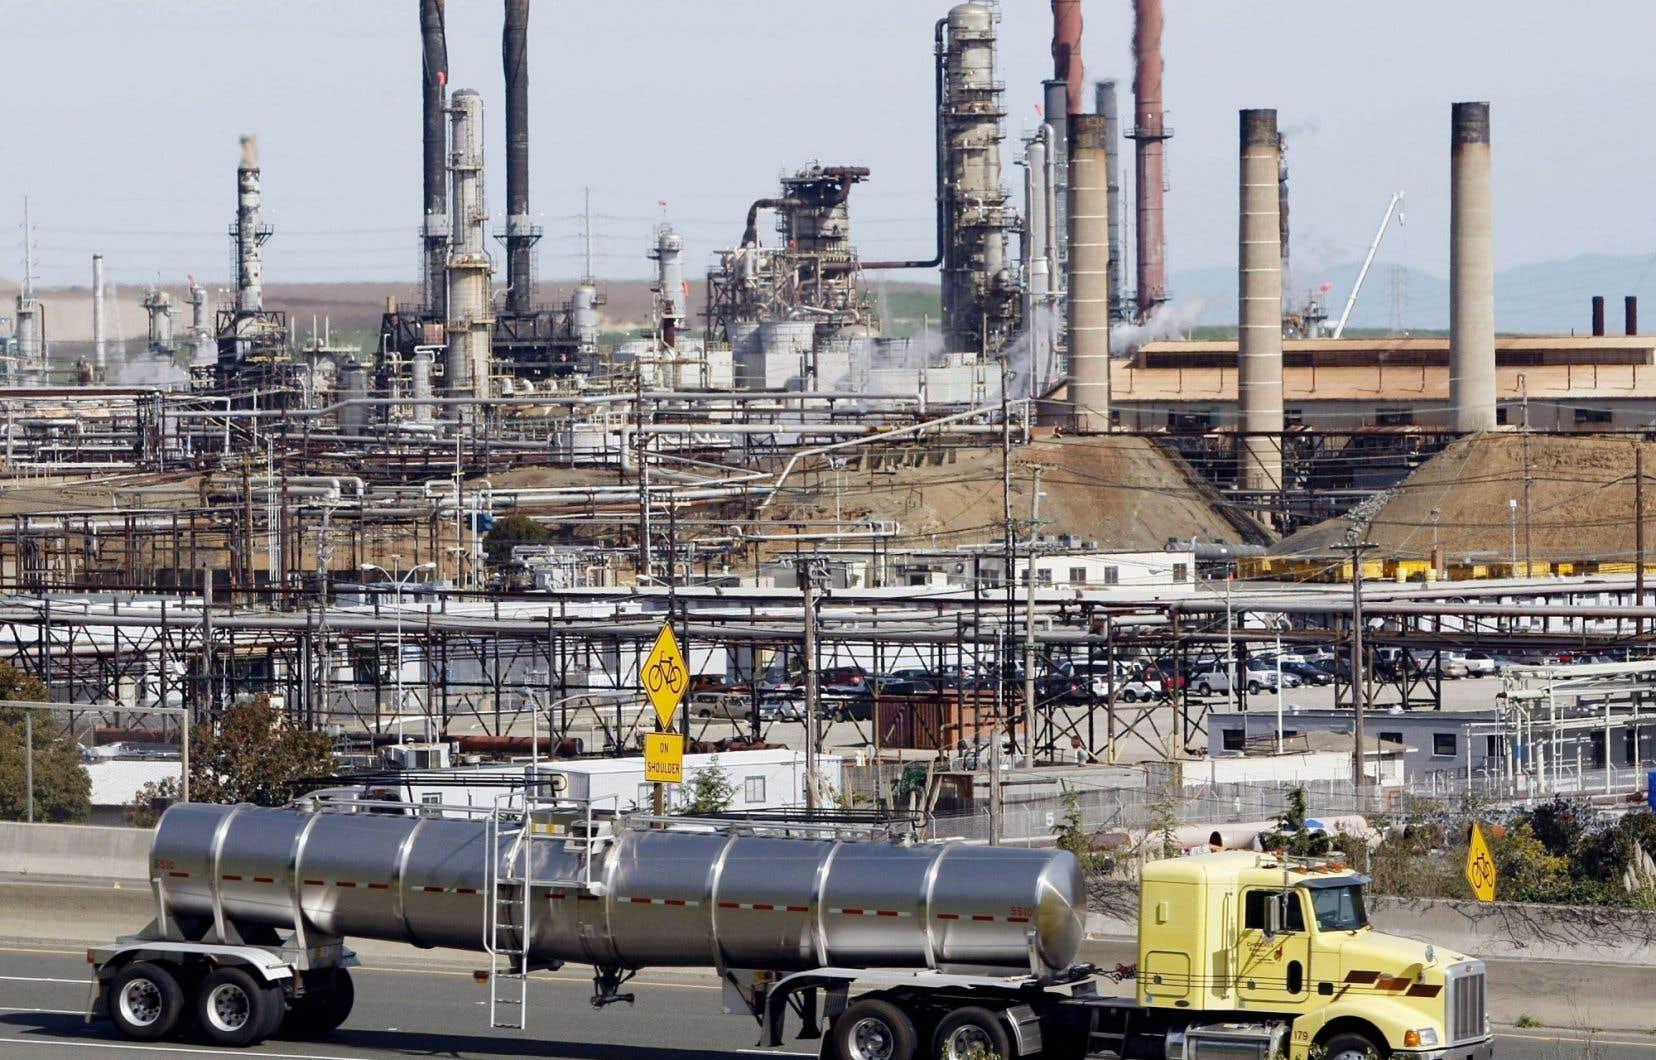 Bien que favorable à un système de plafonnement et d'échange de droits d'émissions de GES, la Chambre de commerce de la Californie croit que le marché du carbone aurait dû être soumis au processus législatif normalement réservé à la taxation.